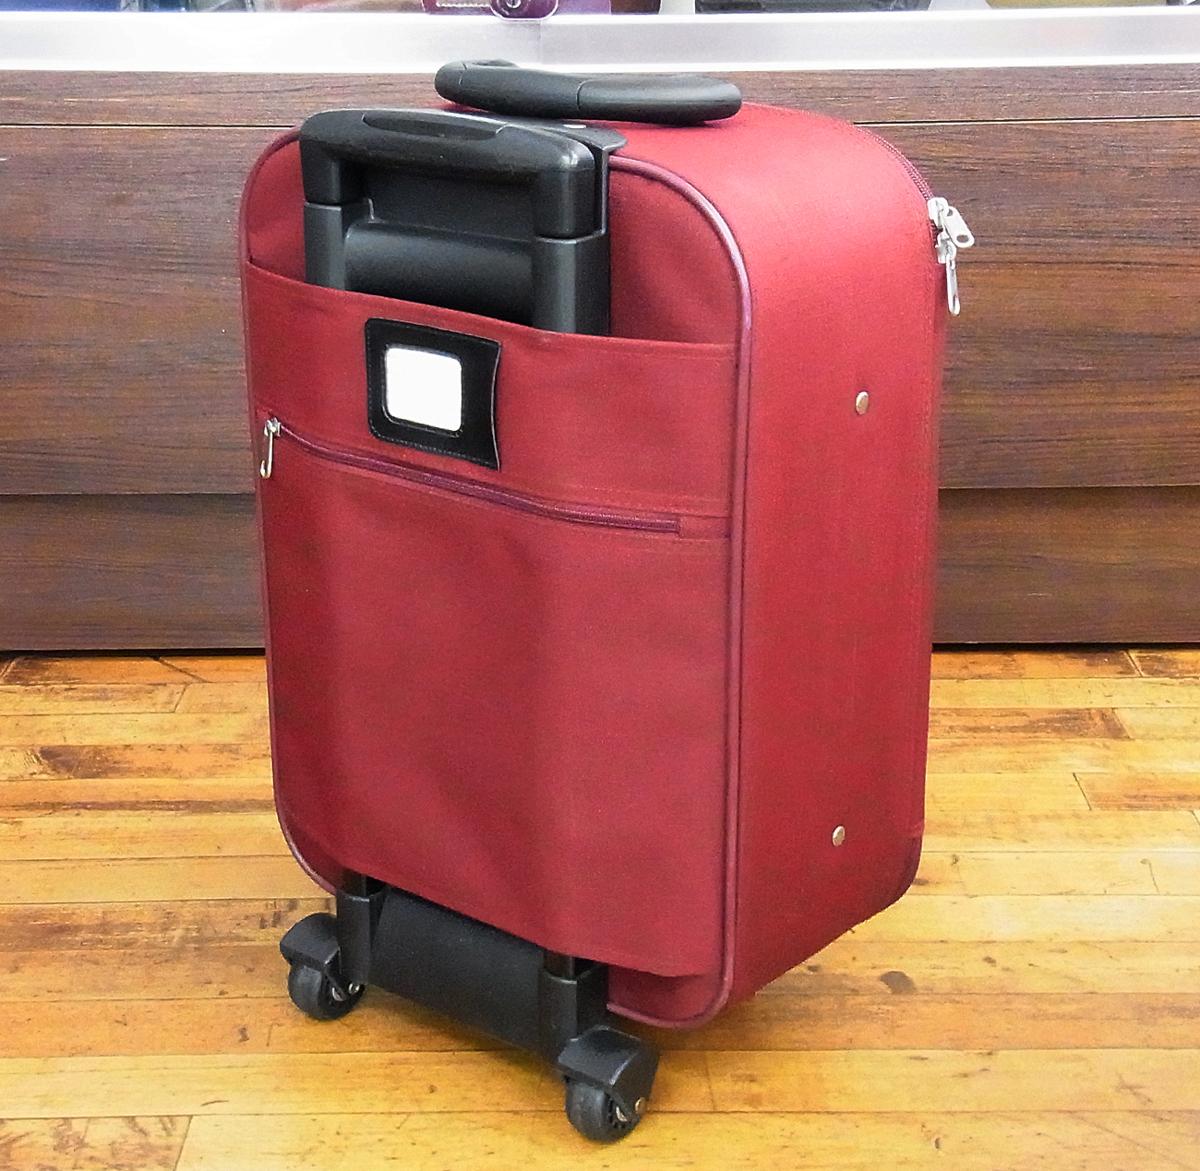 JETAGE/ジェットエイジ ソフト キャリーバッグ ワインレッド 機内持ち込みサイズ 鍵欠品 キャリーケース/スーツケース/トラベルバッグ_画像2